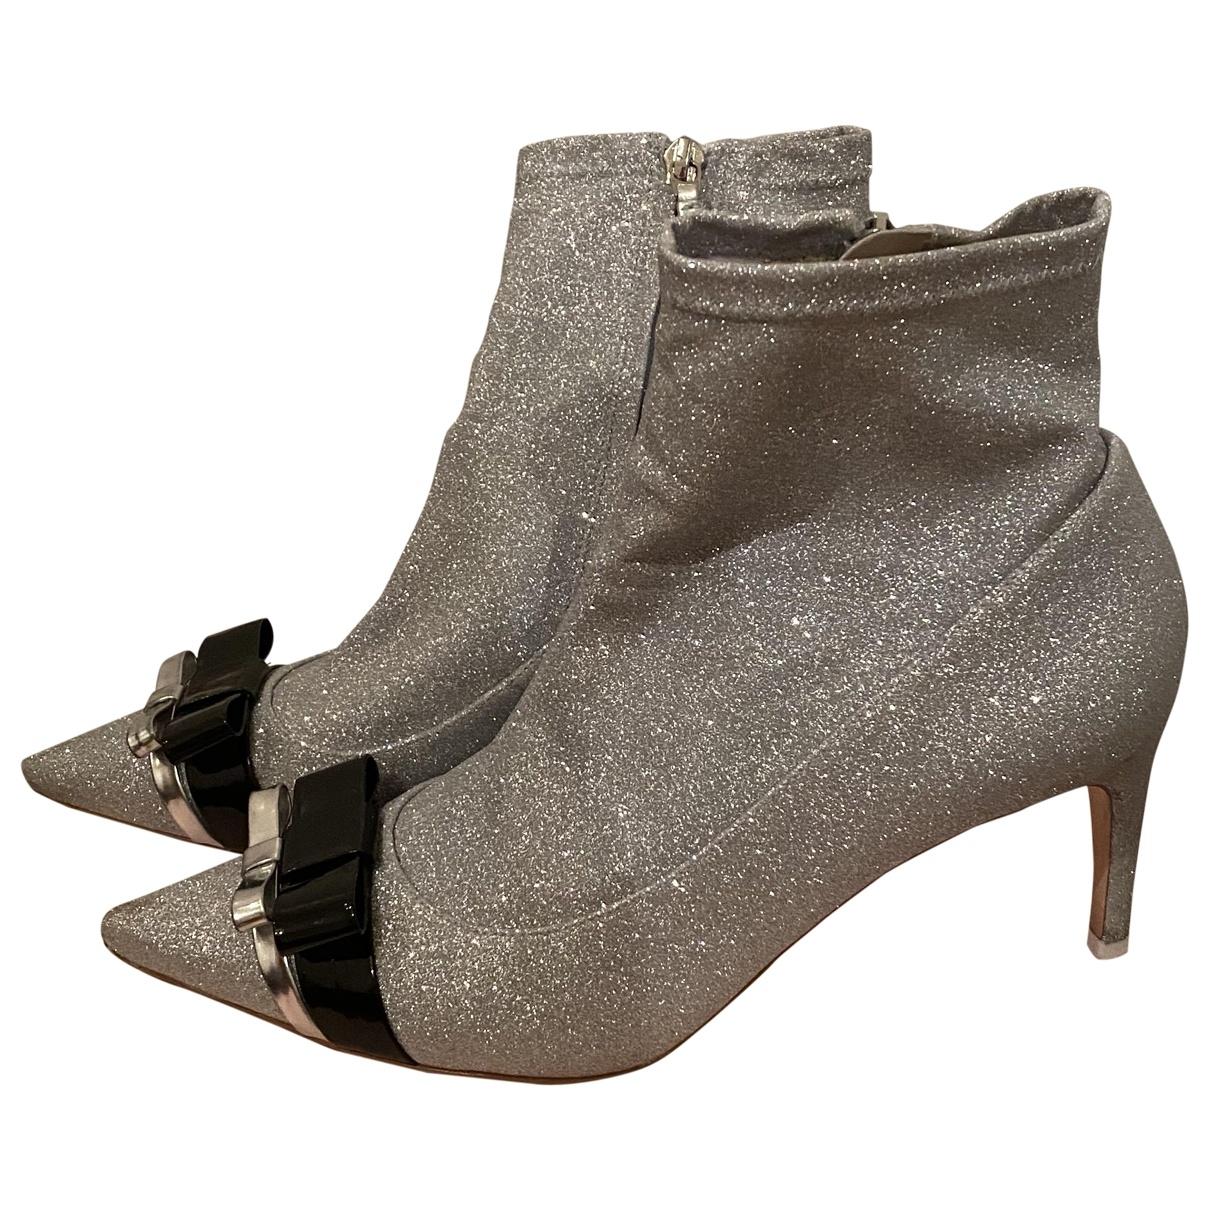 Sophia Webster - Boots   pour femme en a paillettes - argente